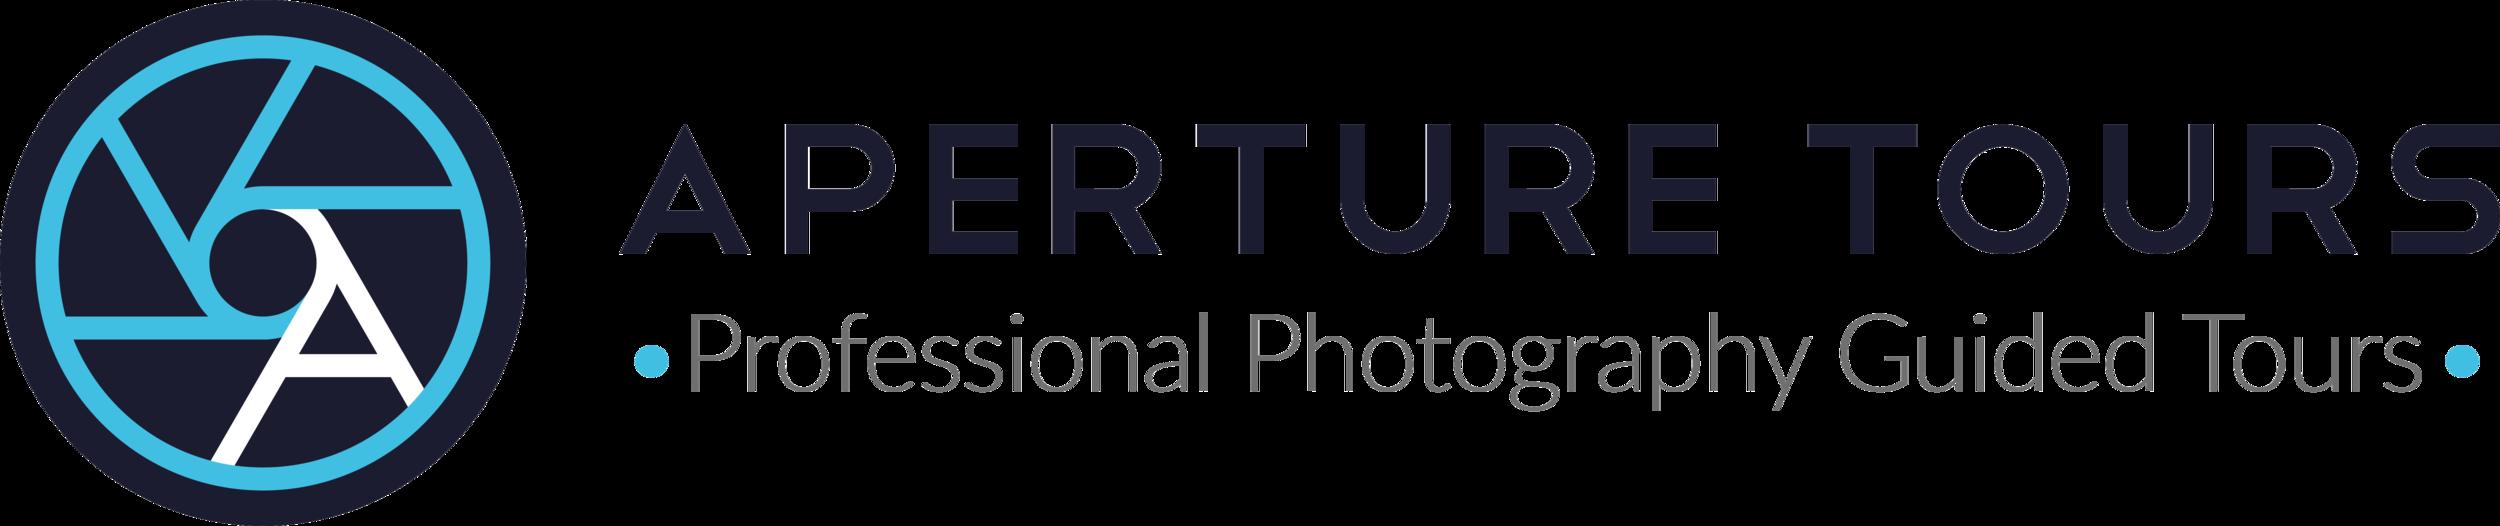 aperture-tours-logo-a4.png